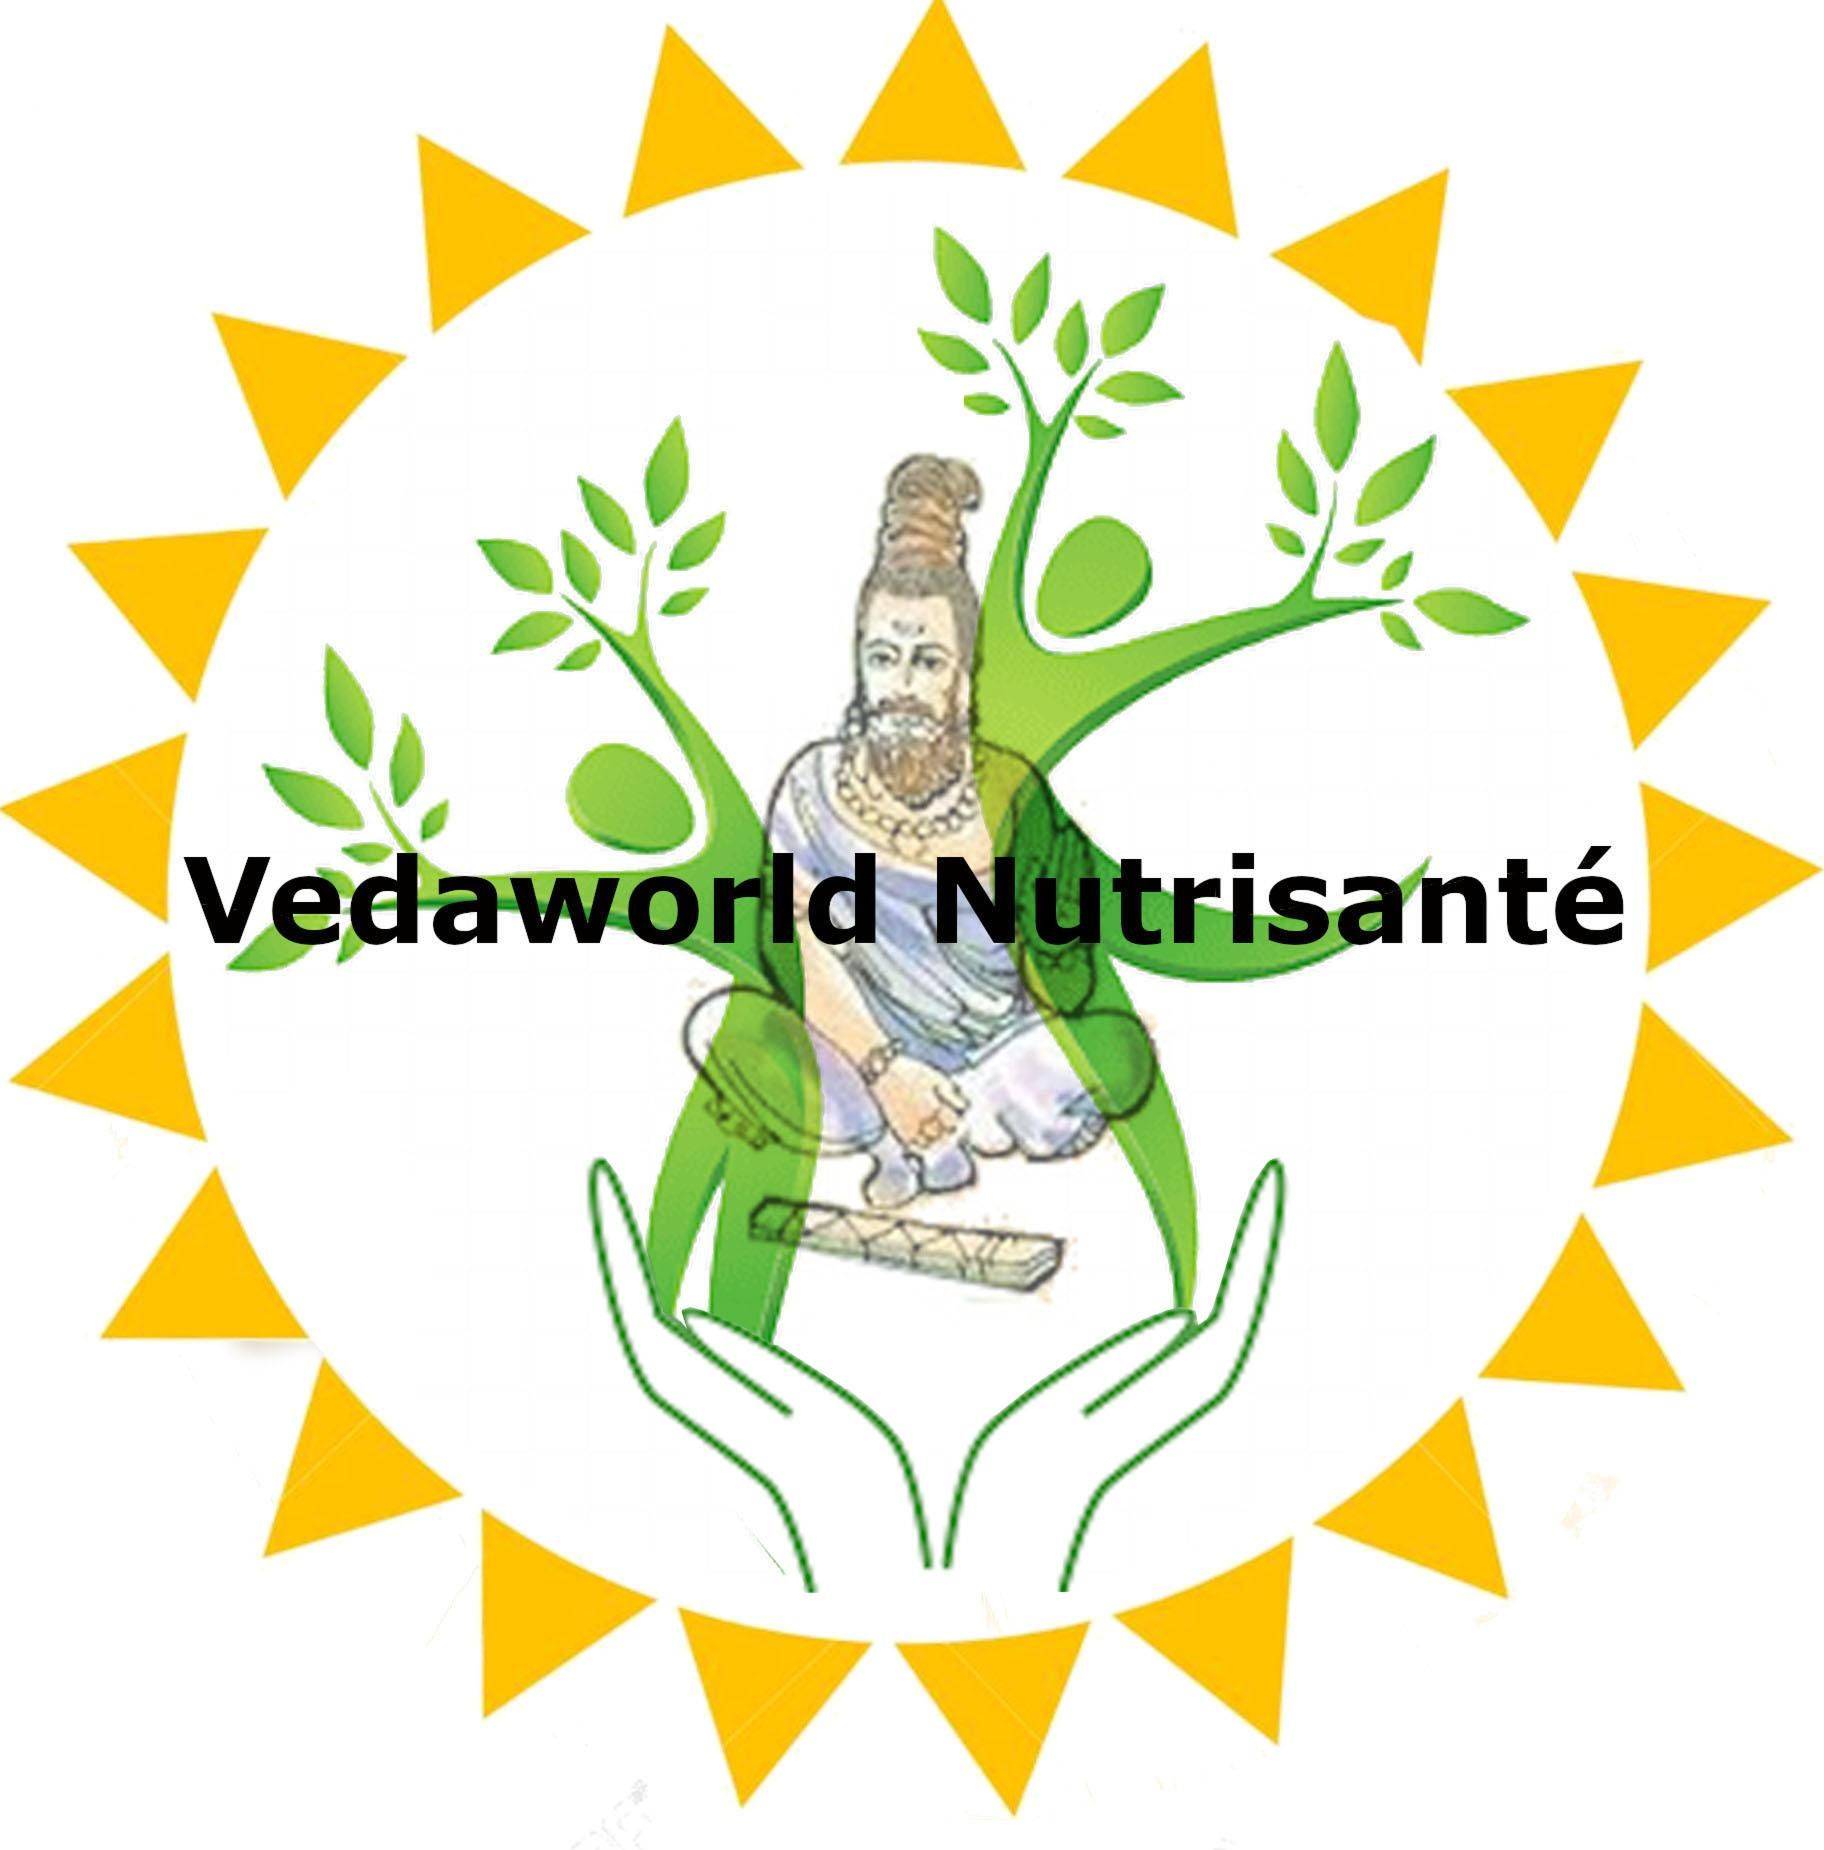 Vedaworld Nutrisanté